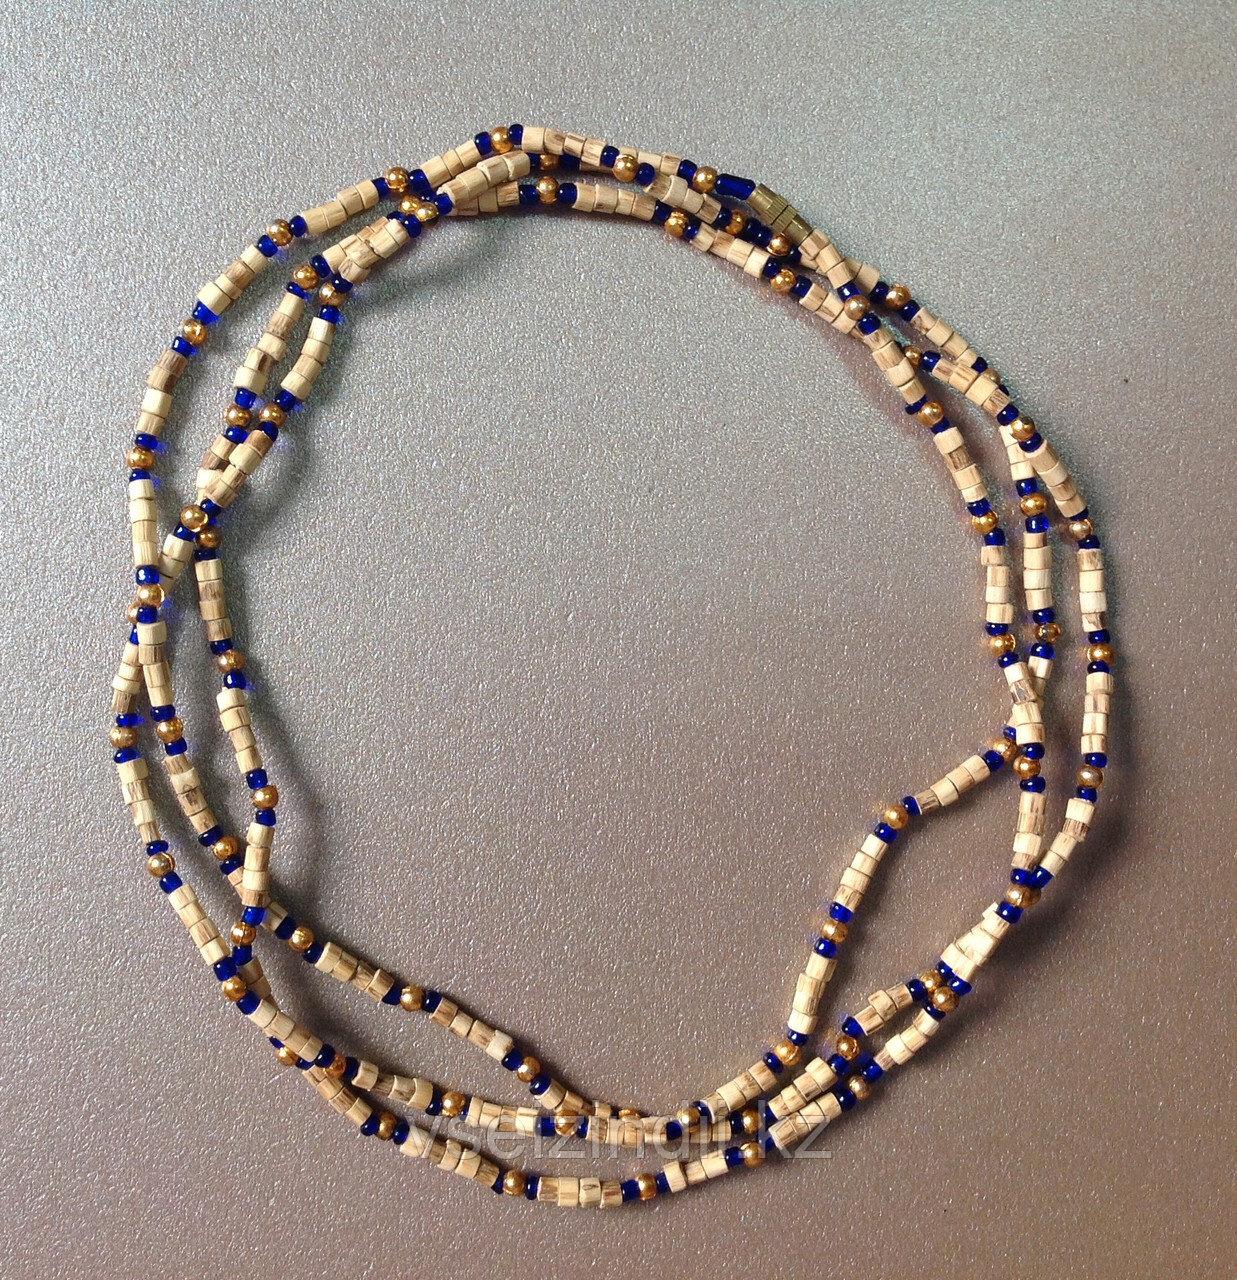 Кантхималы из туласи с бисером синие, в 3 оборота